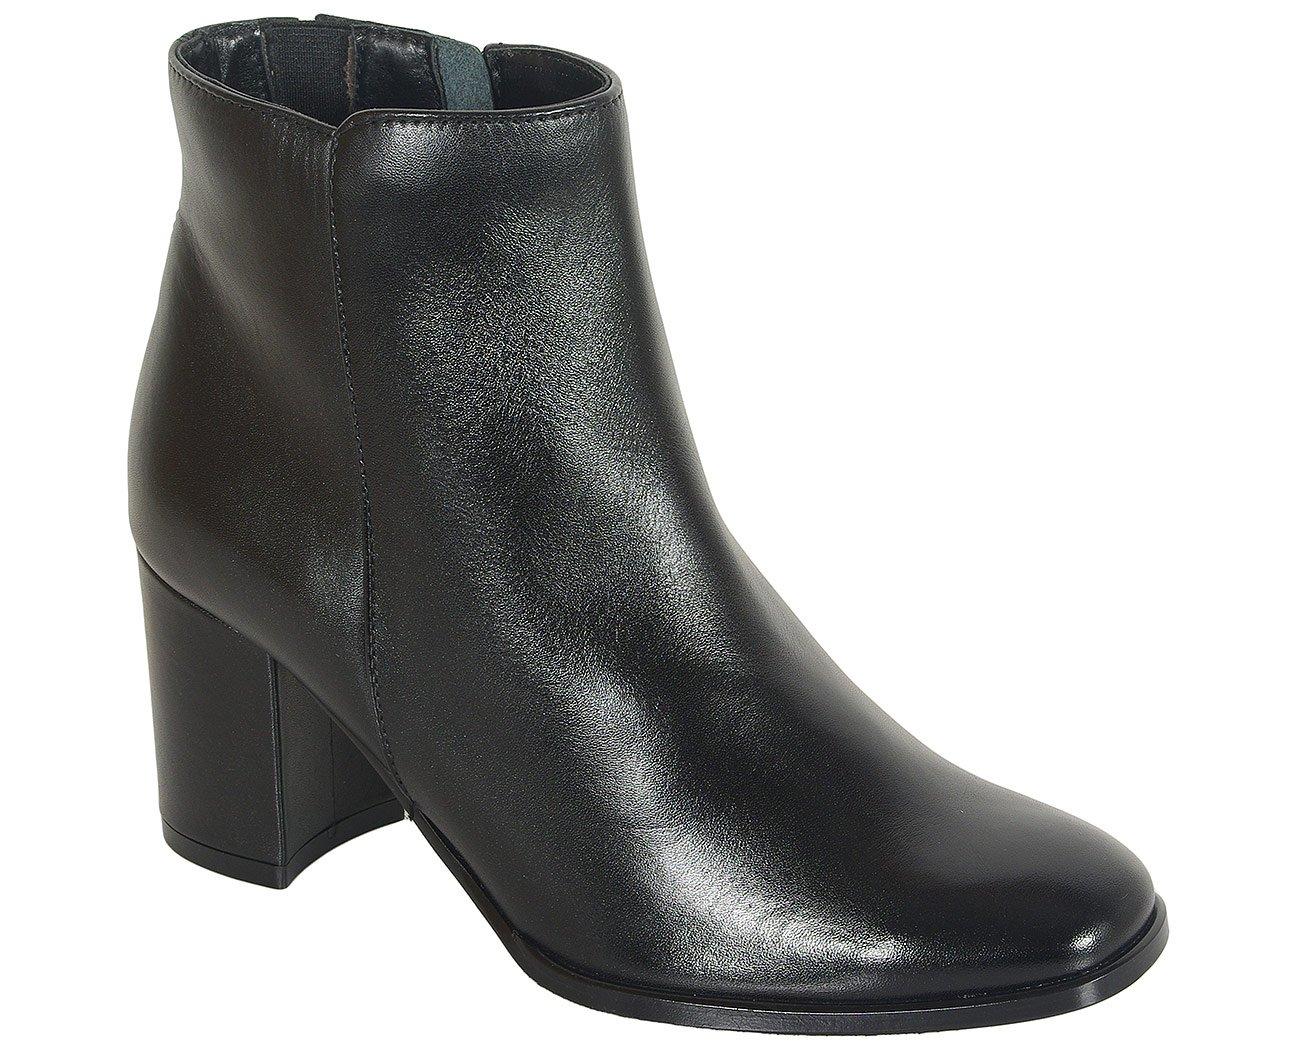 Solo Femme 87641 botki czarny